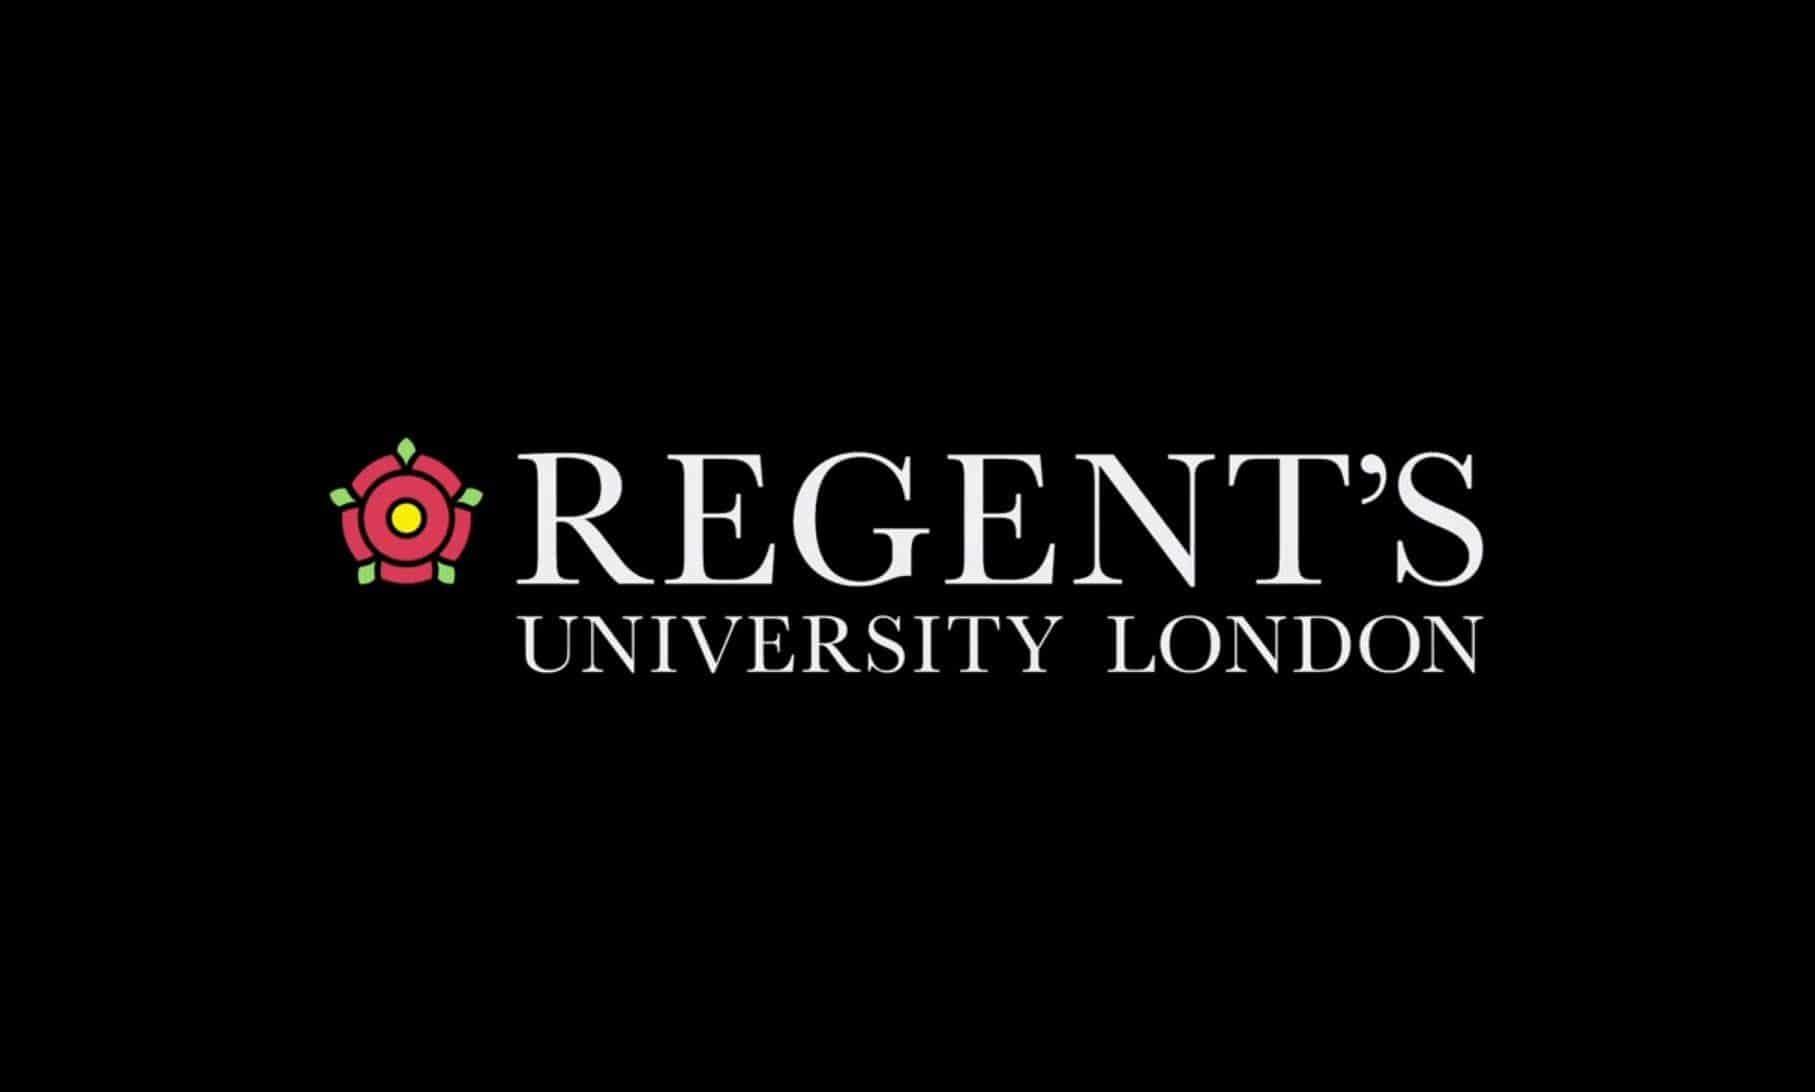 منحة جامعة ريجنت لندن للحصول على البكالوريوس من المملكة المتحدة 2020-21